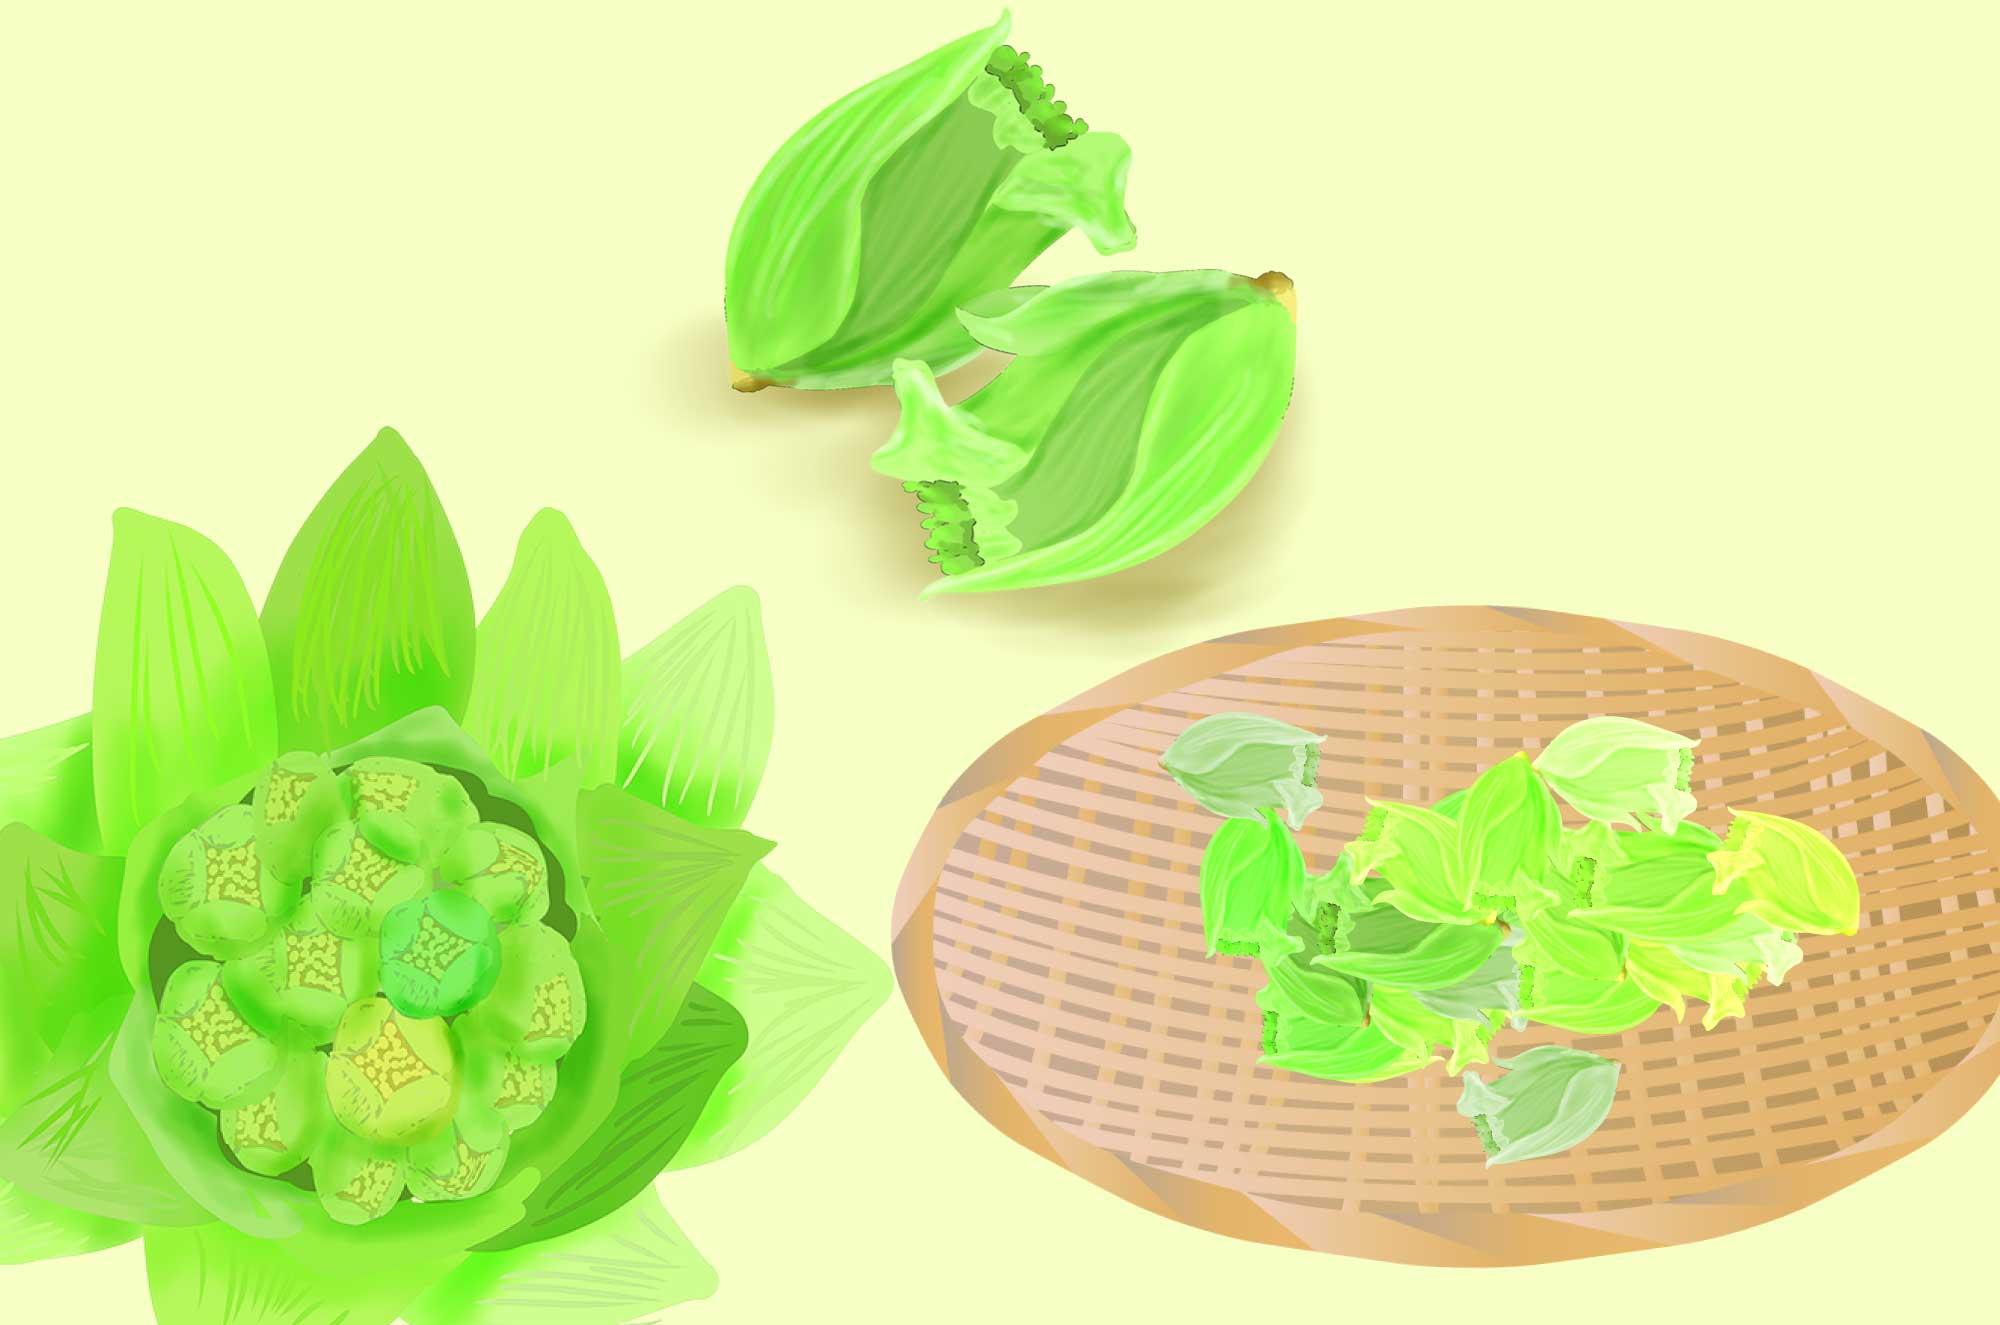 フキノトウのイラスト - 季節の旬な山菜無料素材